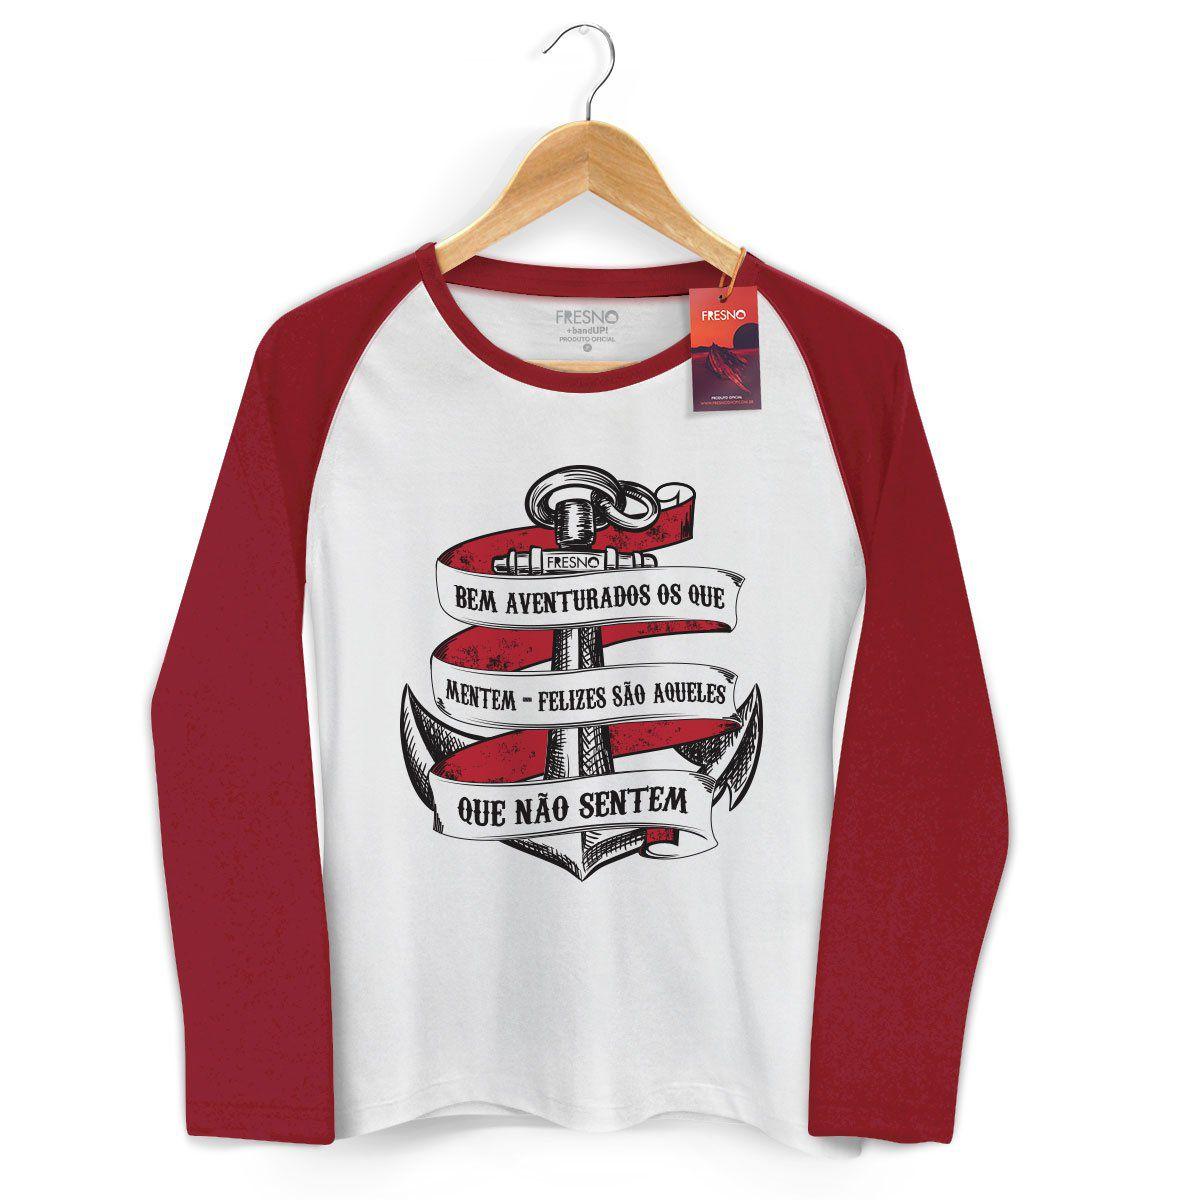 Camiseta Manga Longa Raglan Feminina Fresno Bem Aventurados os Que Mentem